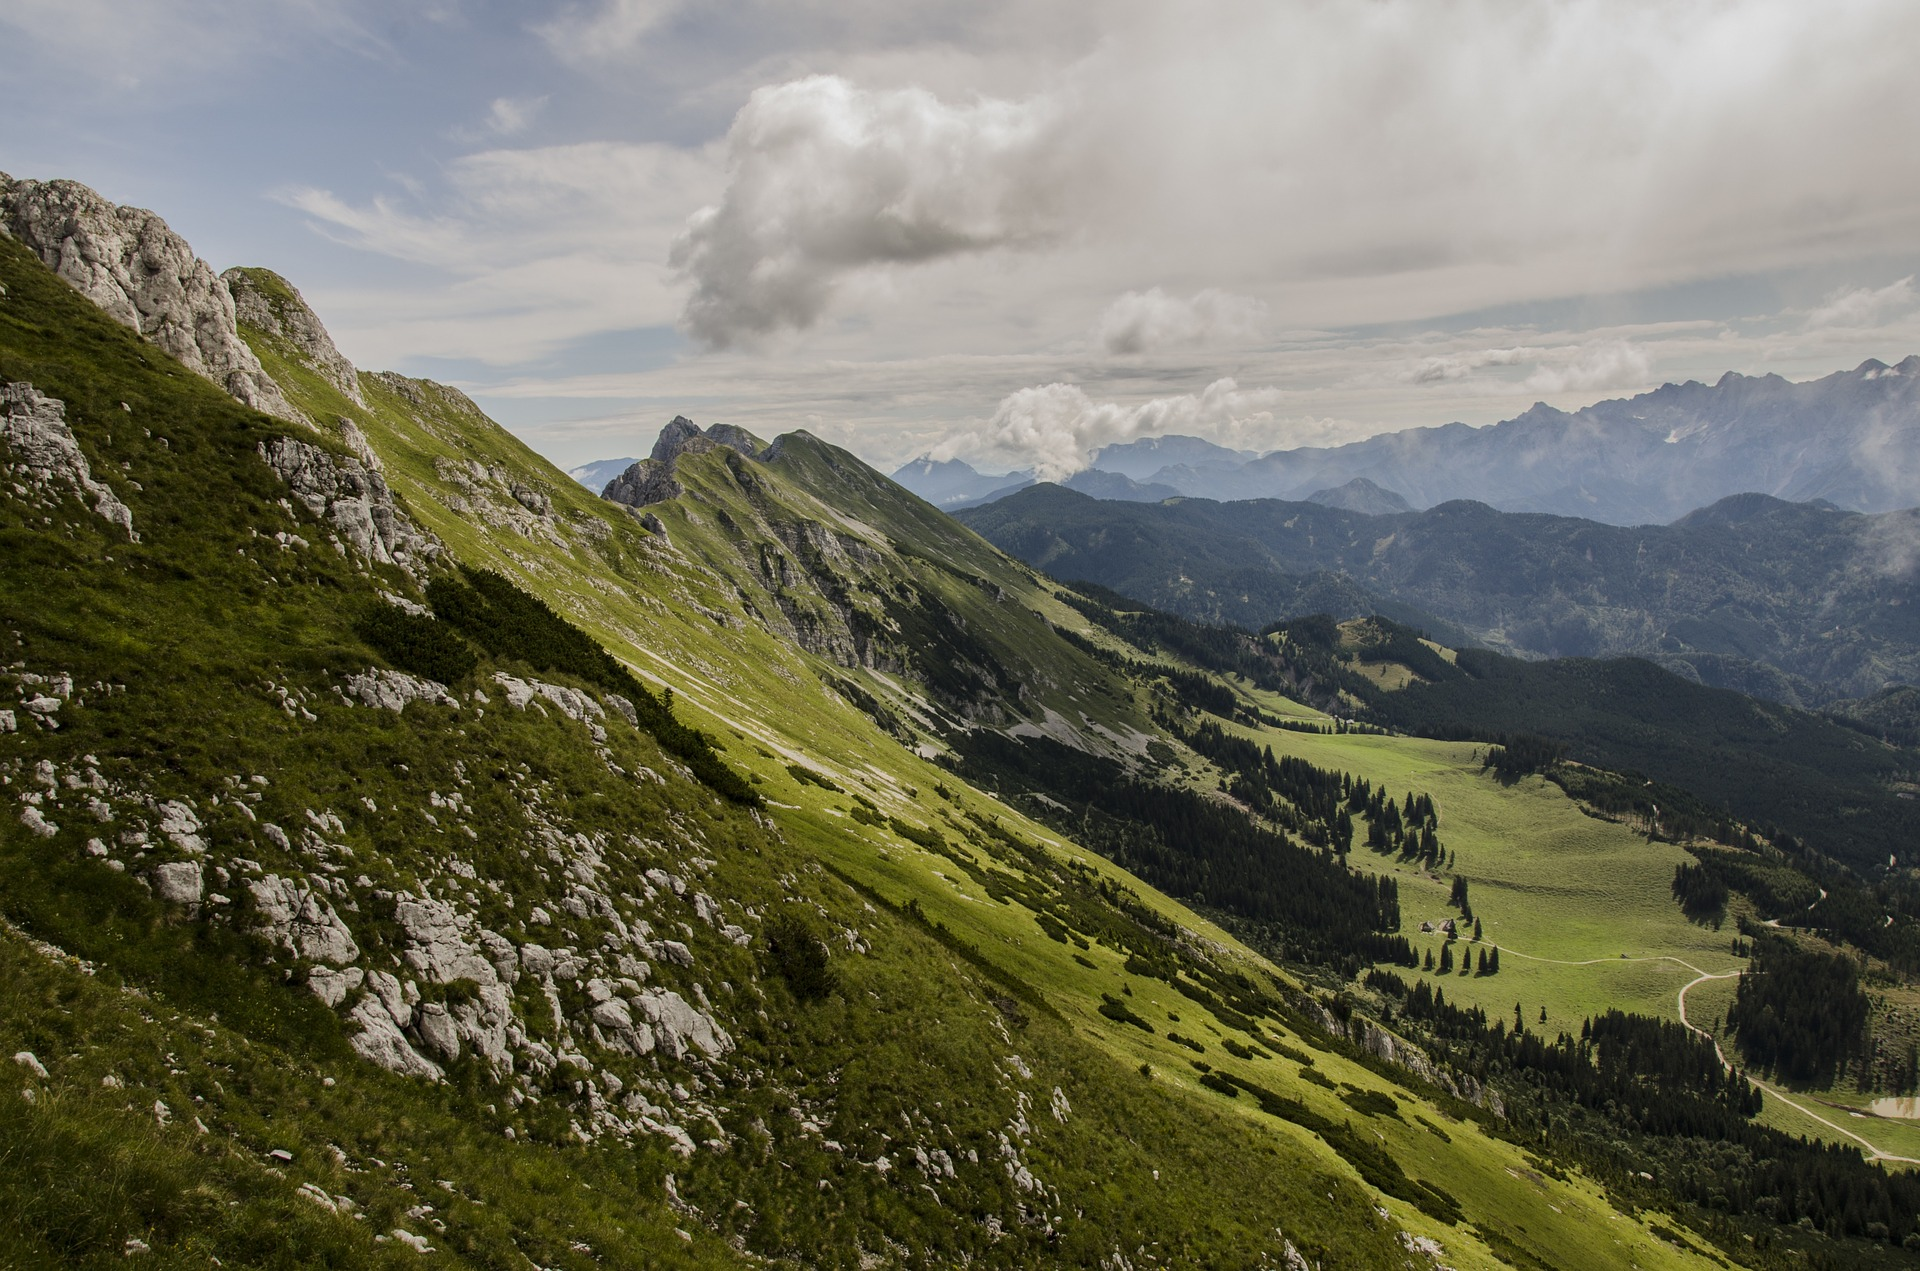 landscape-691895_1920